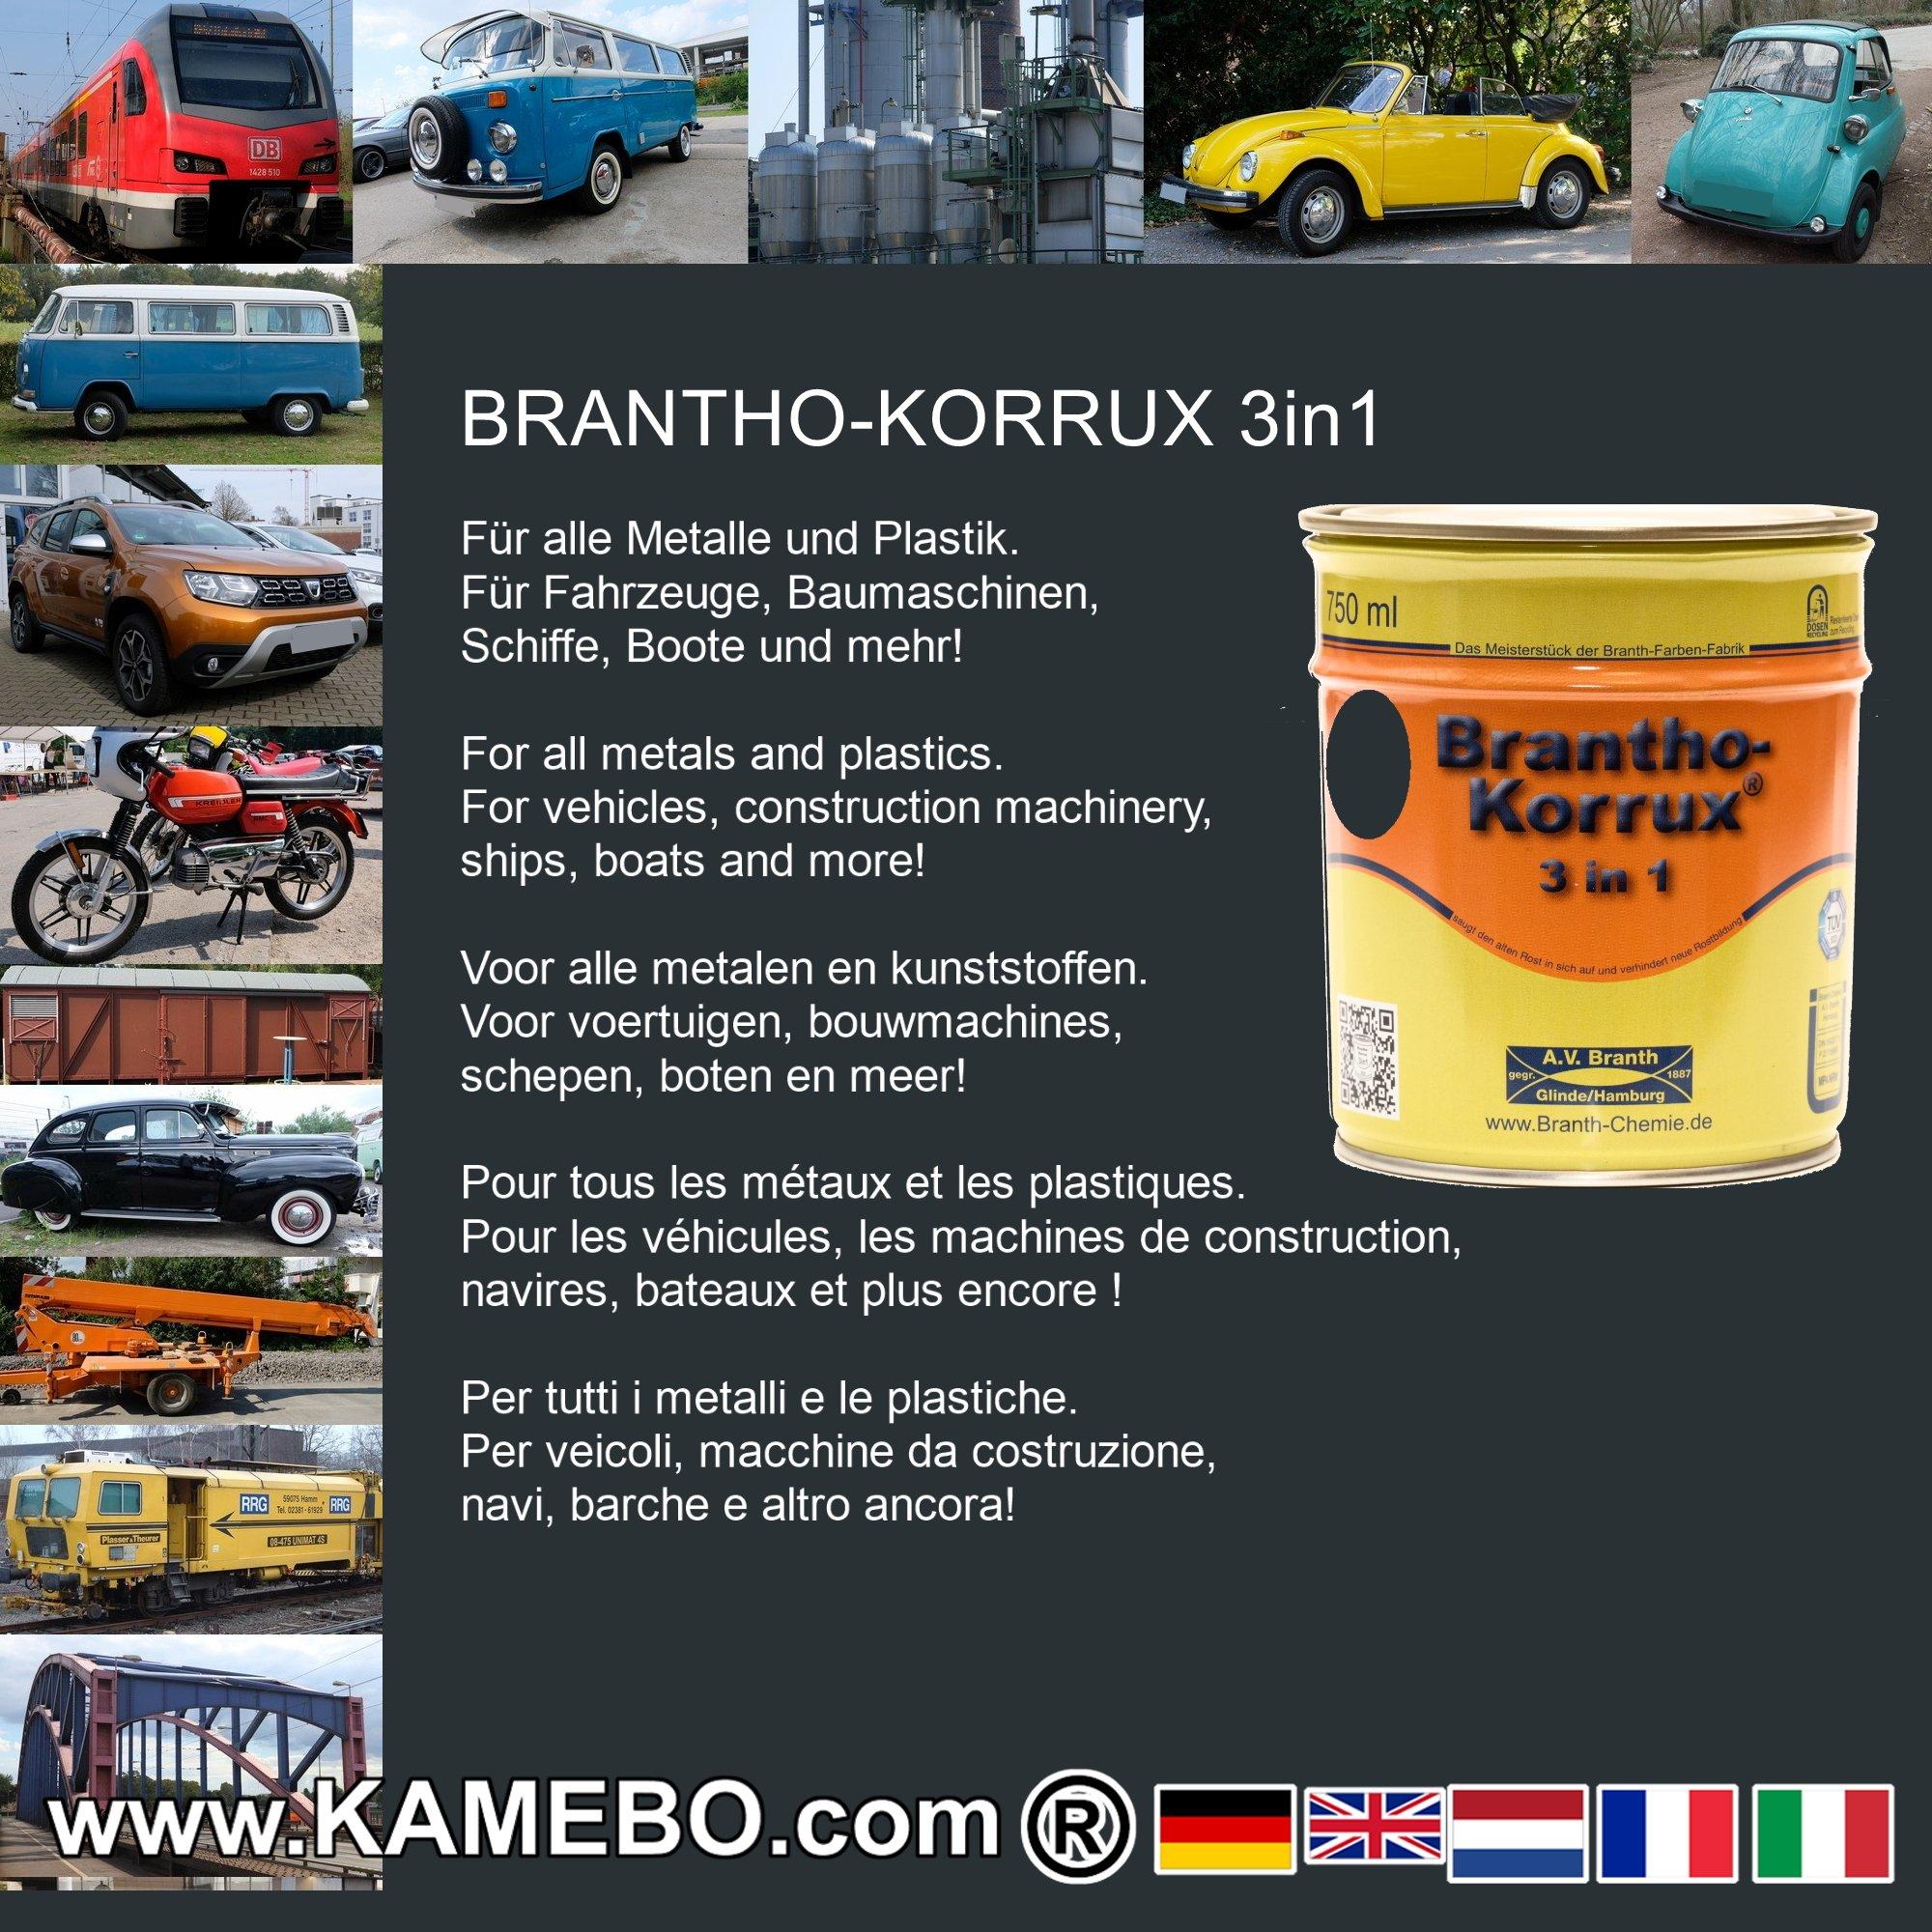 brantho korrux 3in1 vernice antiruggine ral 7016 grigio. Black Bedroom Furniture Sets. Home Design Ideas